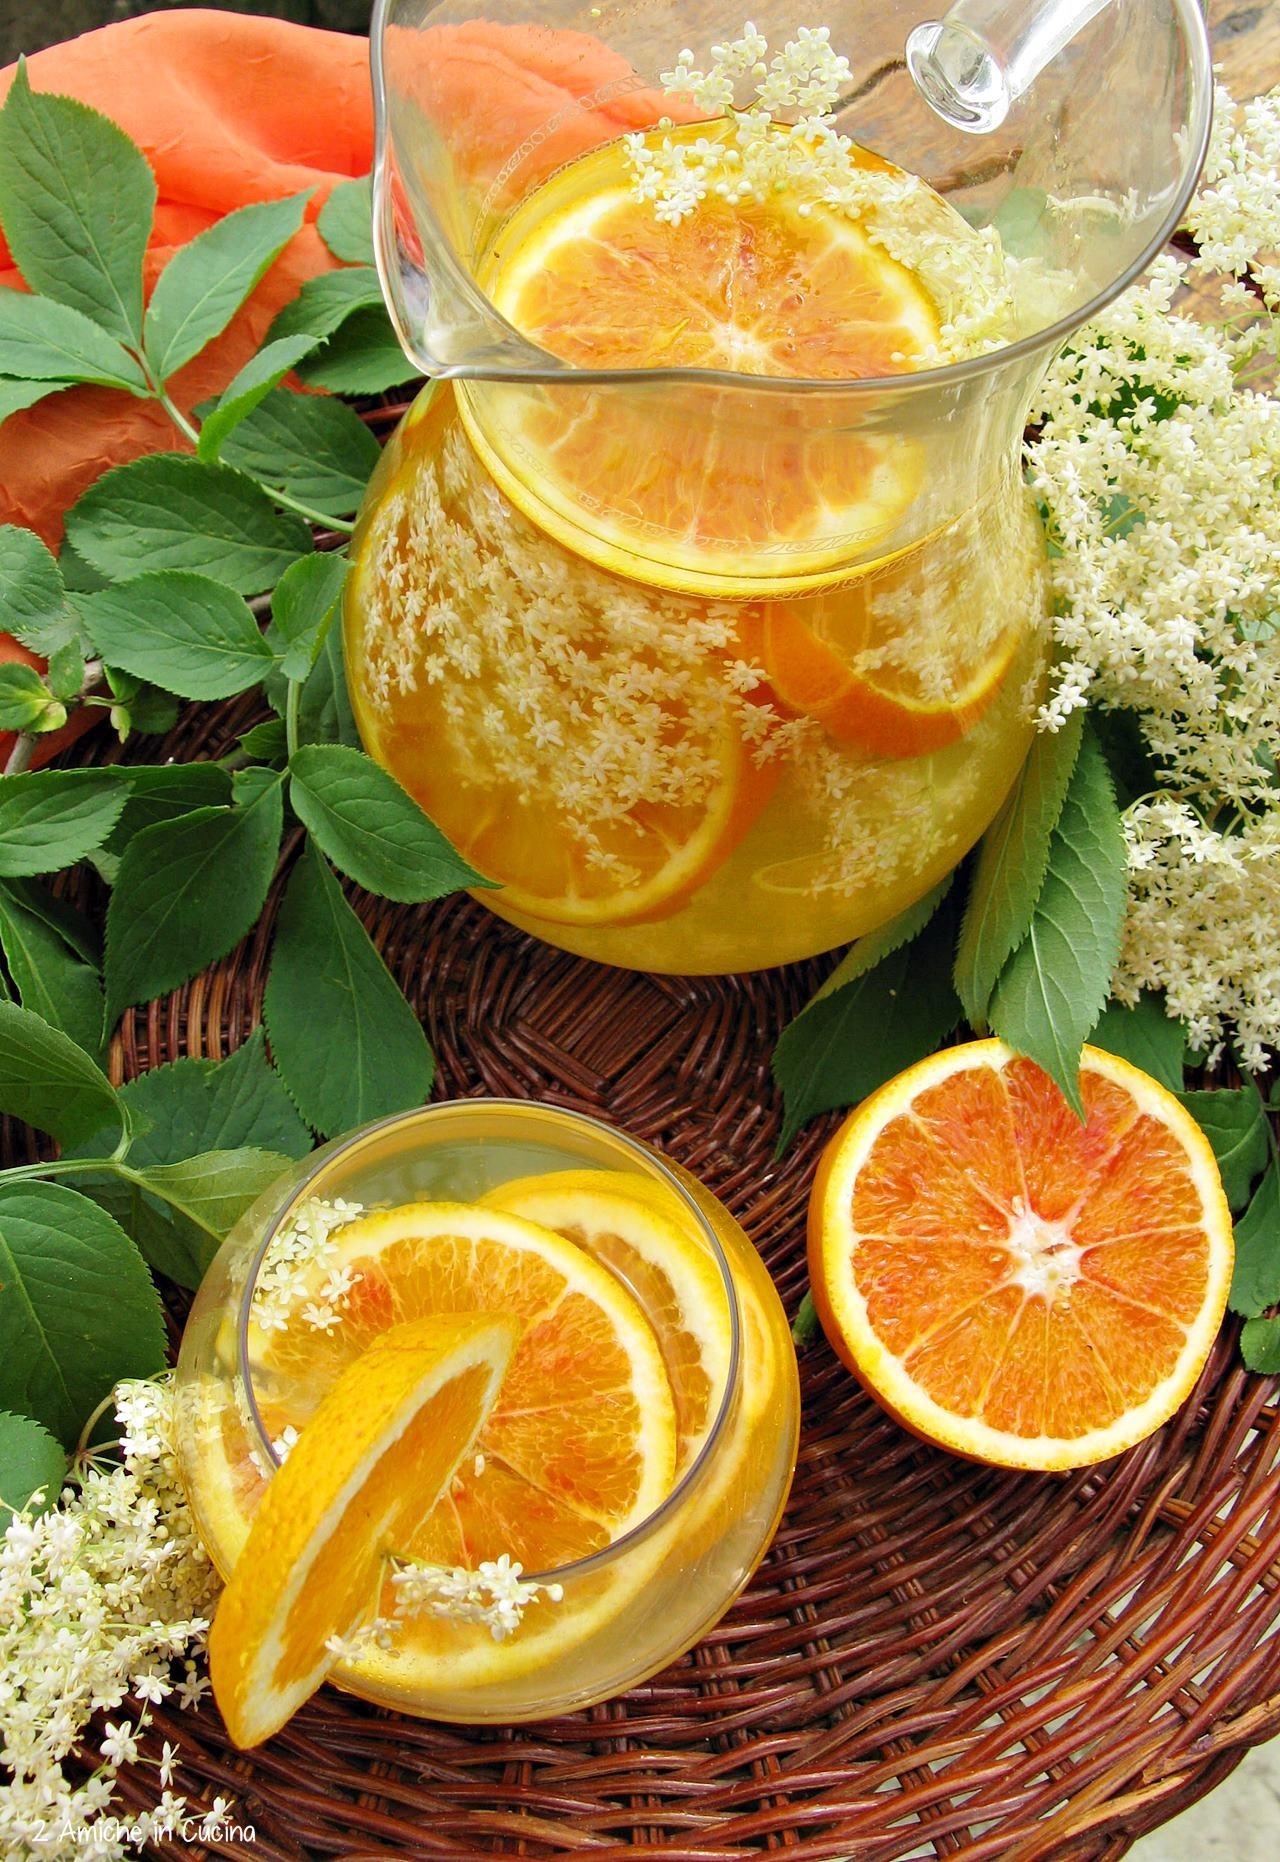 Acqua aromatizzata con fiori e frutta